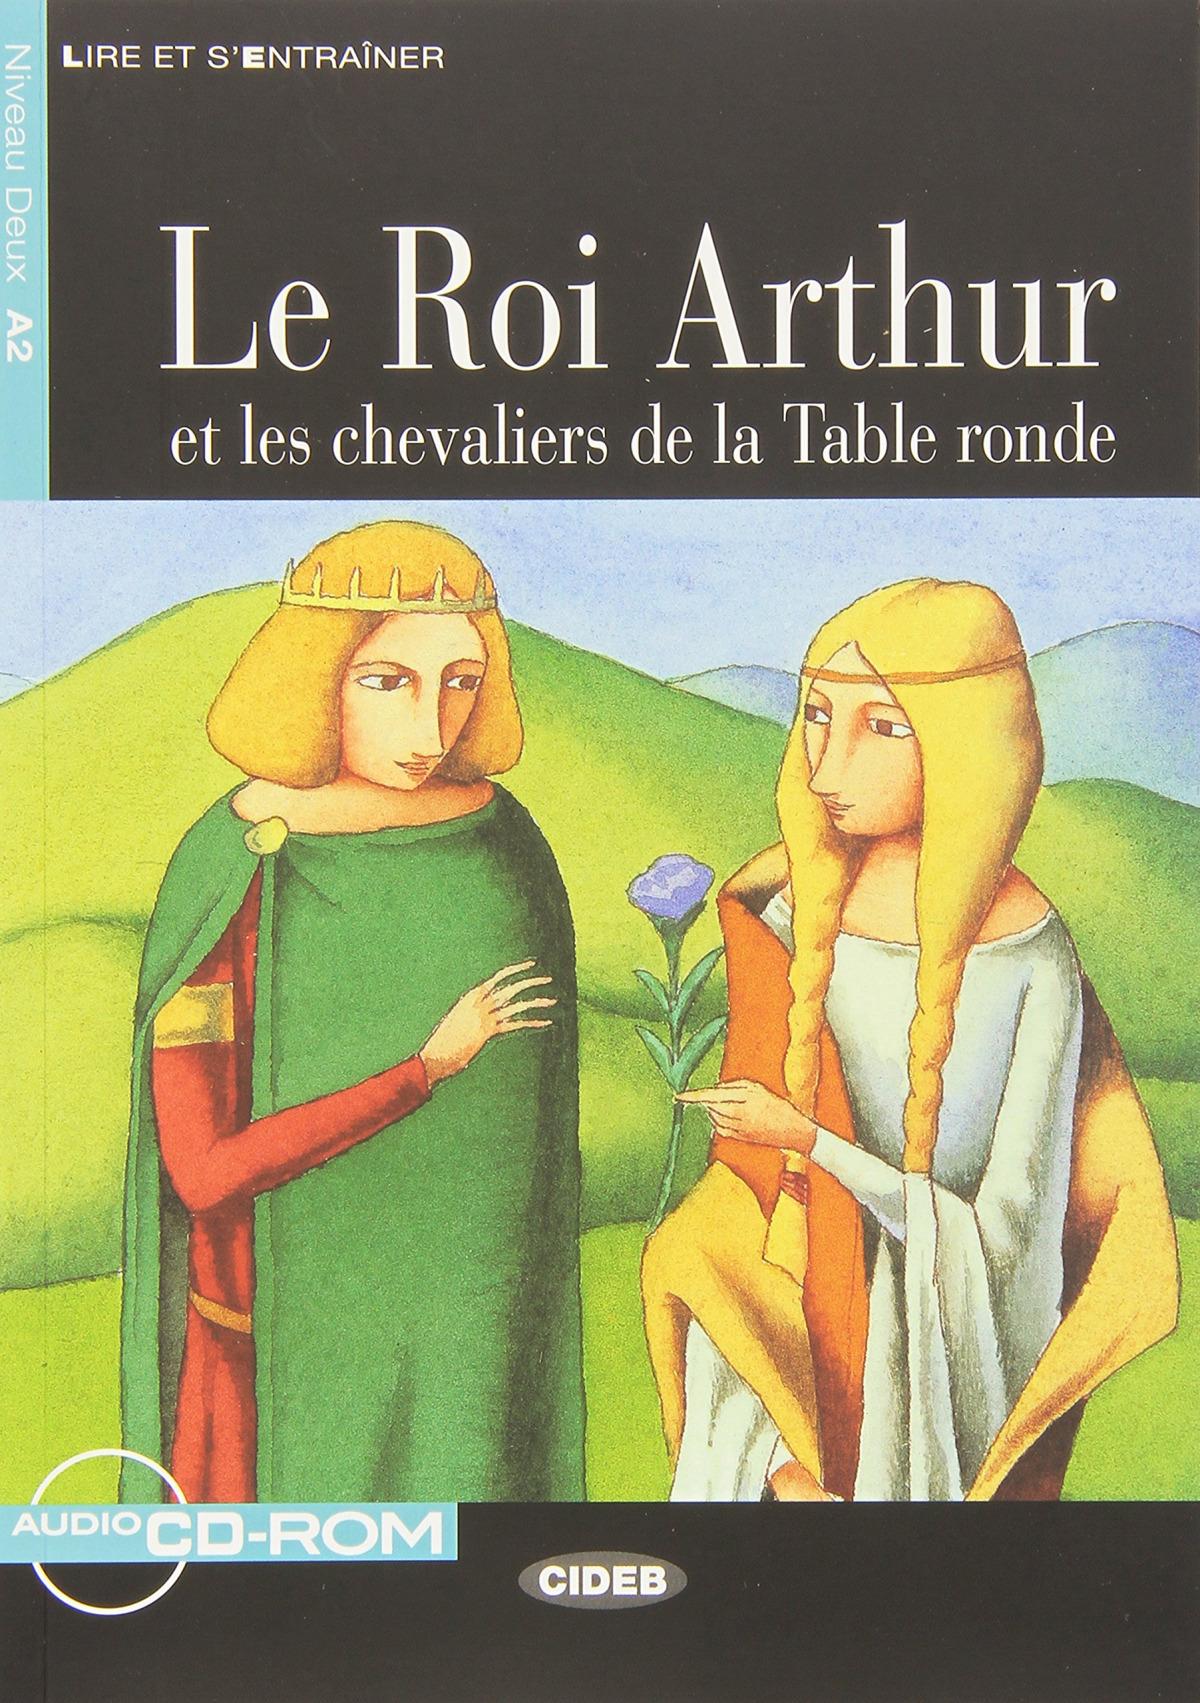 LE ROI ARTHUR ET LES CHEVALIERS